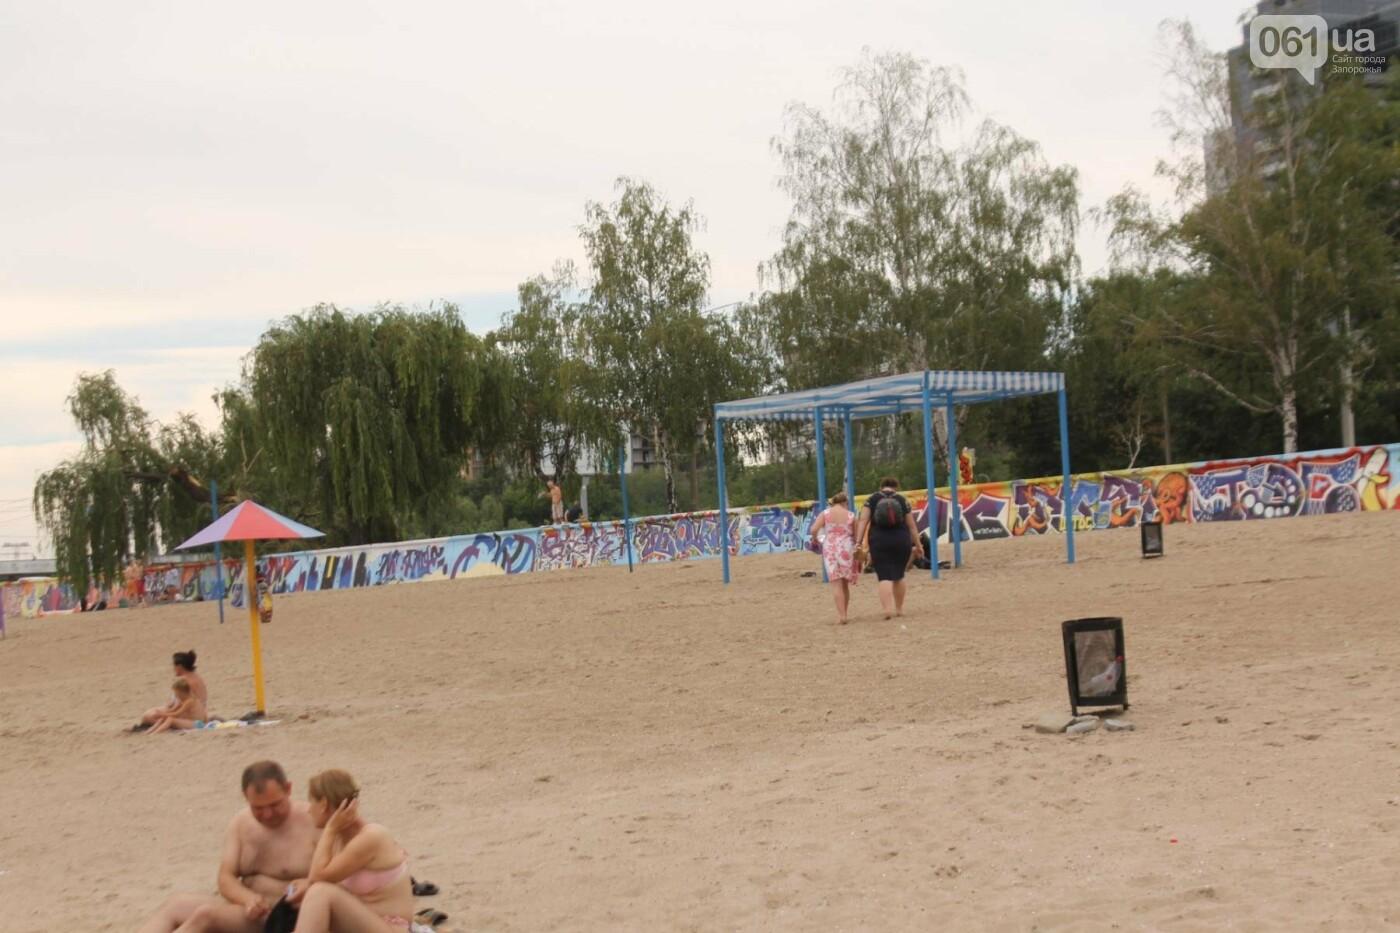 В Запорожье на пляже закончился фестиваль граффити: разрисовали 150 метров бетонной стены, – ФОТОРЕПОРТАЖ, фото-40